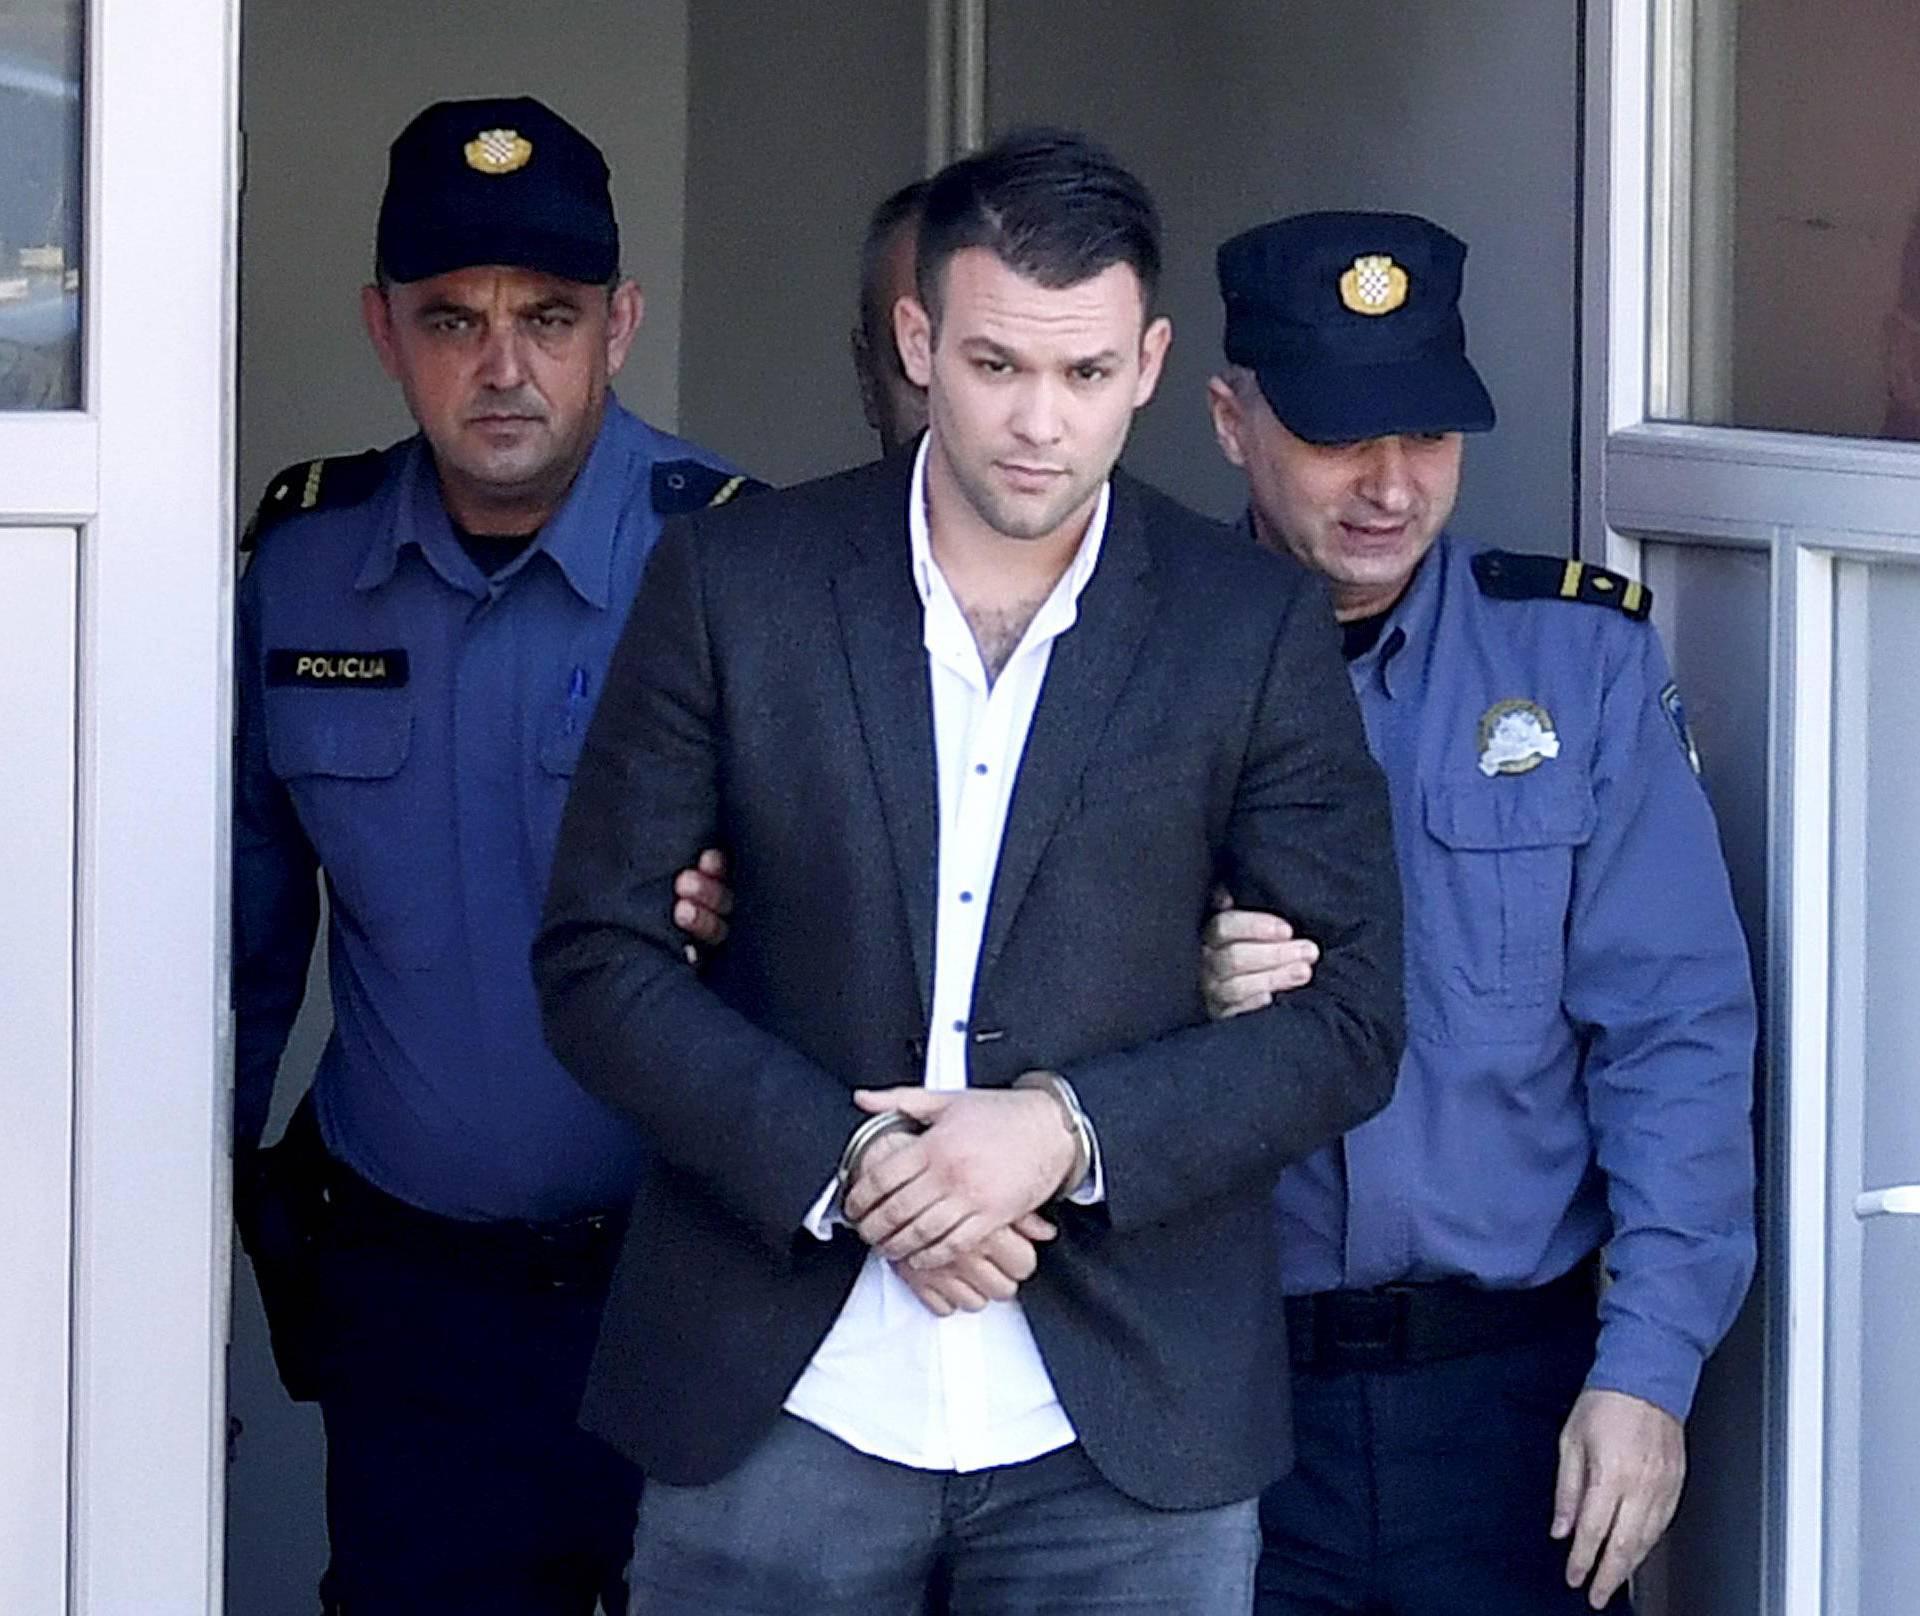 Tužiteljstvo od suda  zatražilo istražni zatvor za Vjeku Sliška